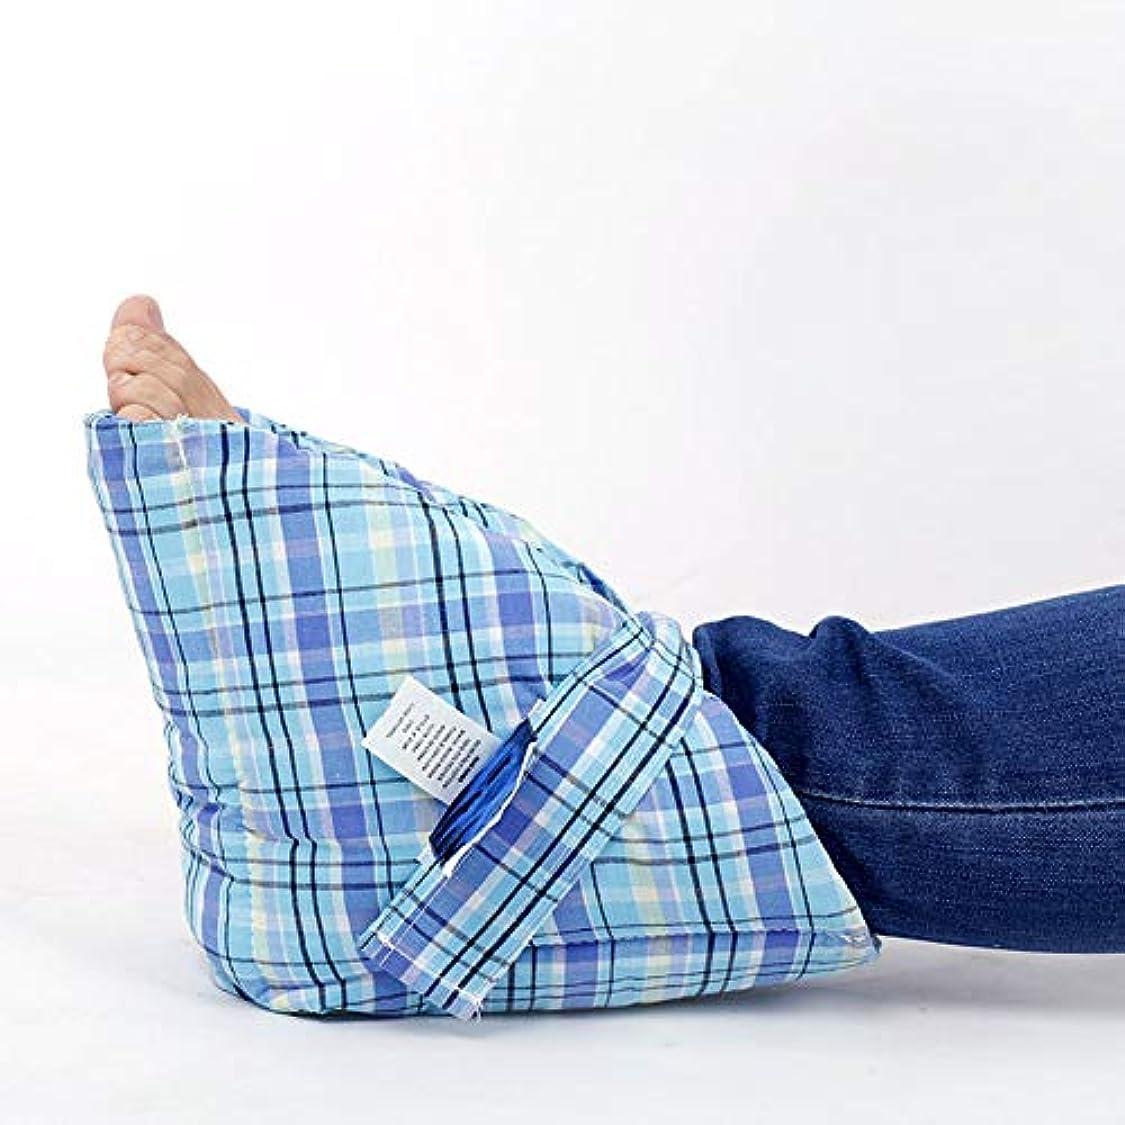 アームストロングプレートボトル抗床ずれヒールプロテクター枕、圧力緩和ヒールプロテクター、患者ケアヒールパッド足首プロテクタークッション、効果的な床ずれおよび足潰瘍緩和フットピロー (1PCS)